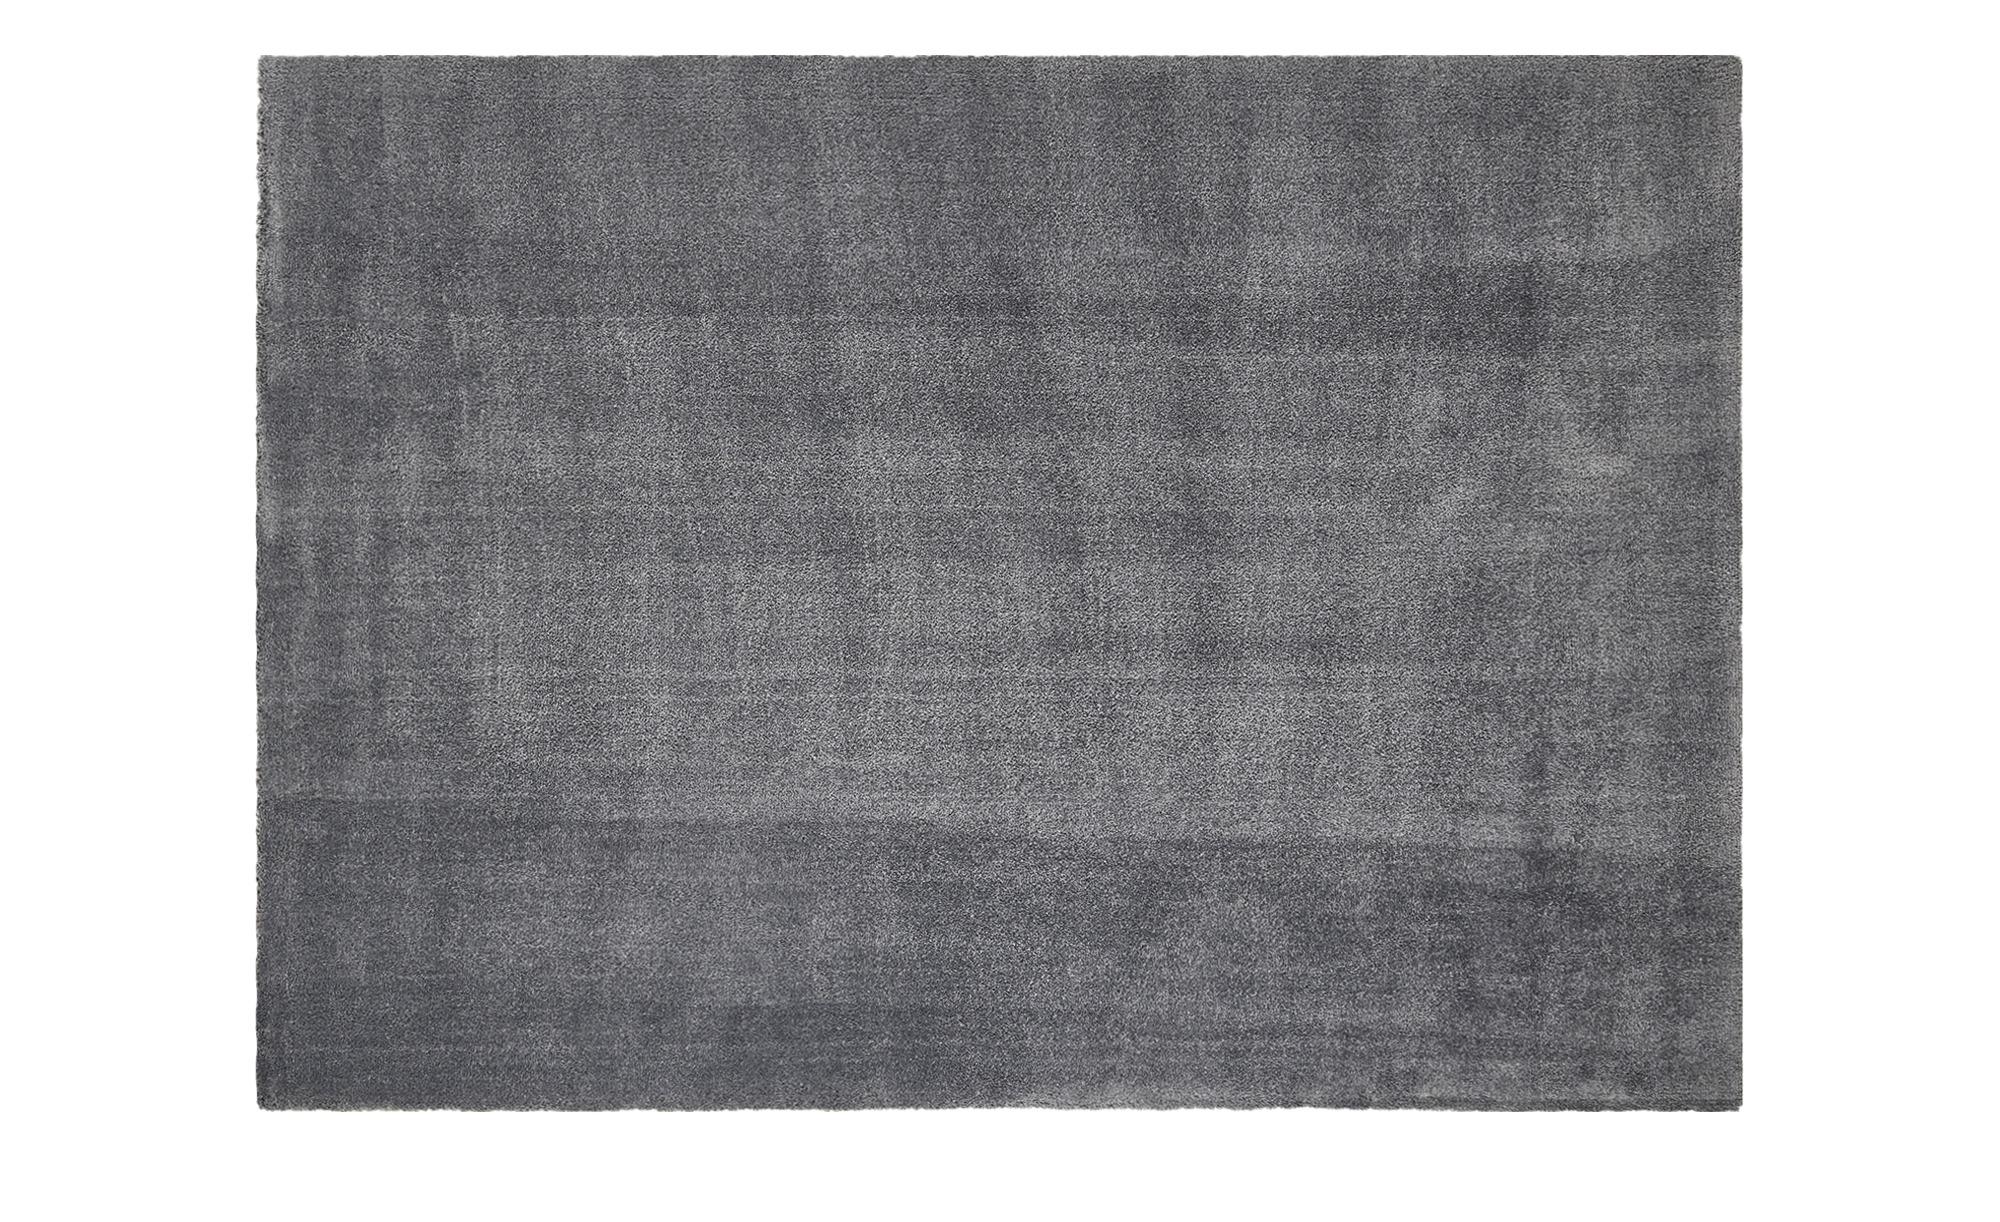 Webteppich  Touch ¦ grau ¦ 100% Polyester ¦ Maße (cm): B: 120 Teppiche > Wohnteppiche - Höffner